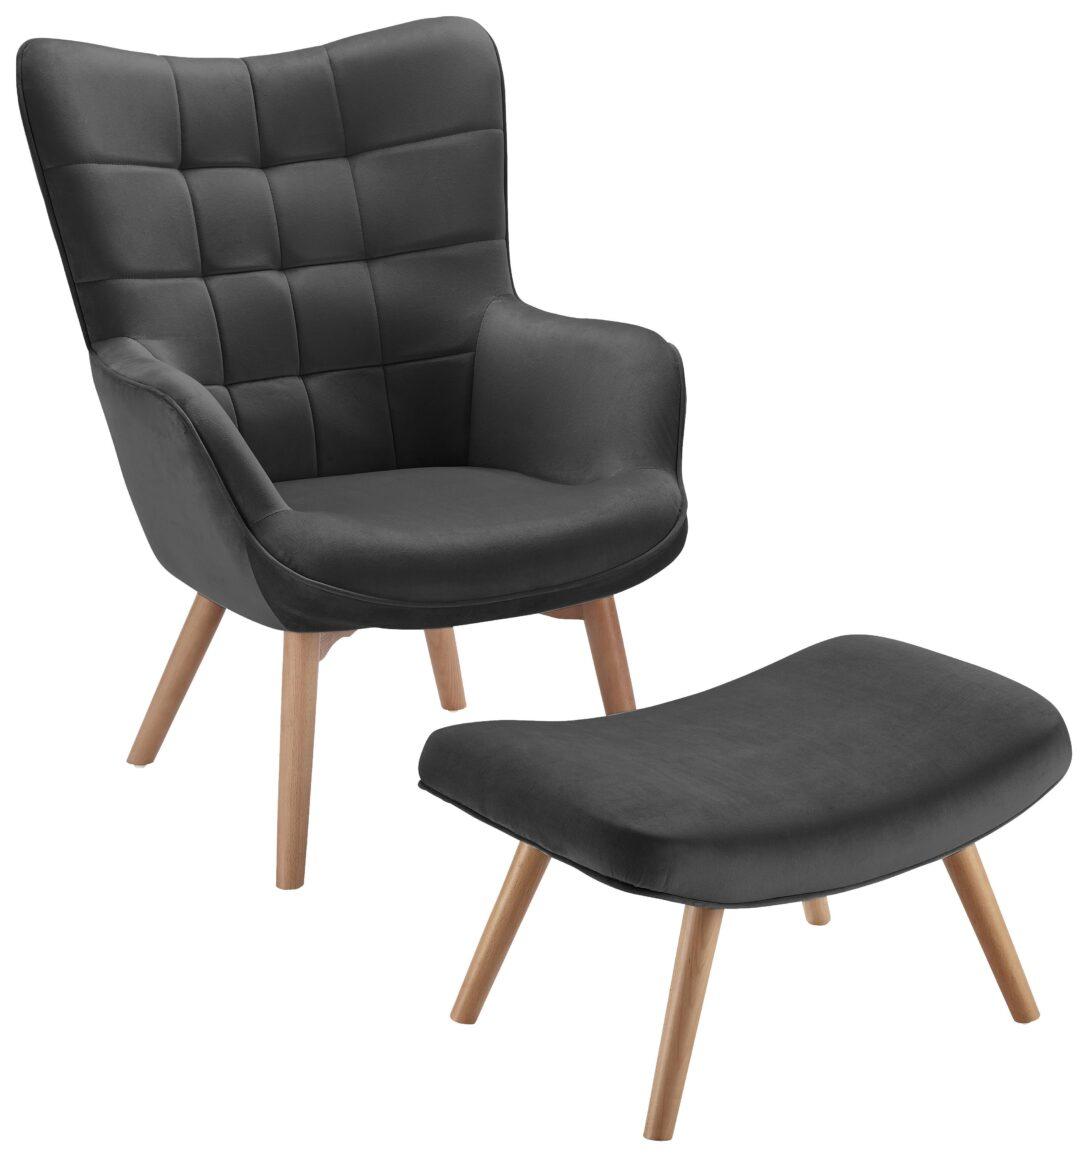 Large Size of Liegesessel Verstellbar Elektrisch Verstellbare Ikea Garten Liegestuhl Relaxsessel Jetzt Entdecken Mmax Sofa Mit Verstellbarer Sitztiefe Wohnzimmer Liegesessel Verstellbar